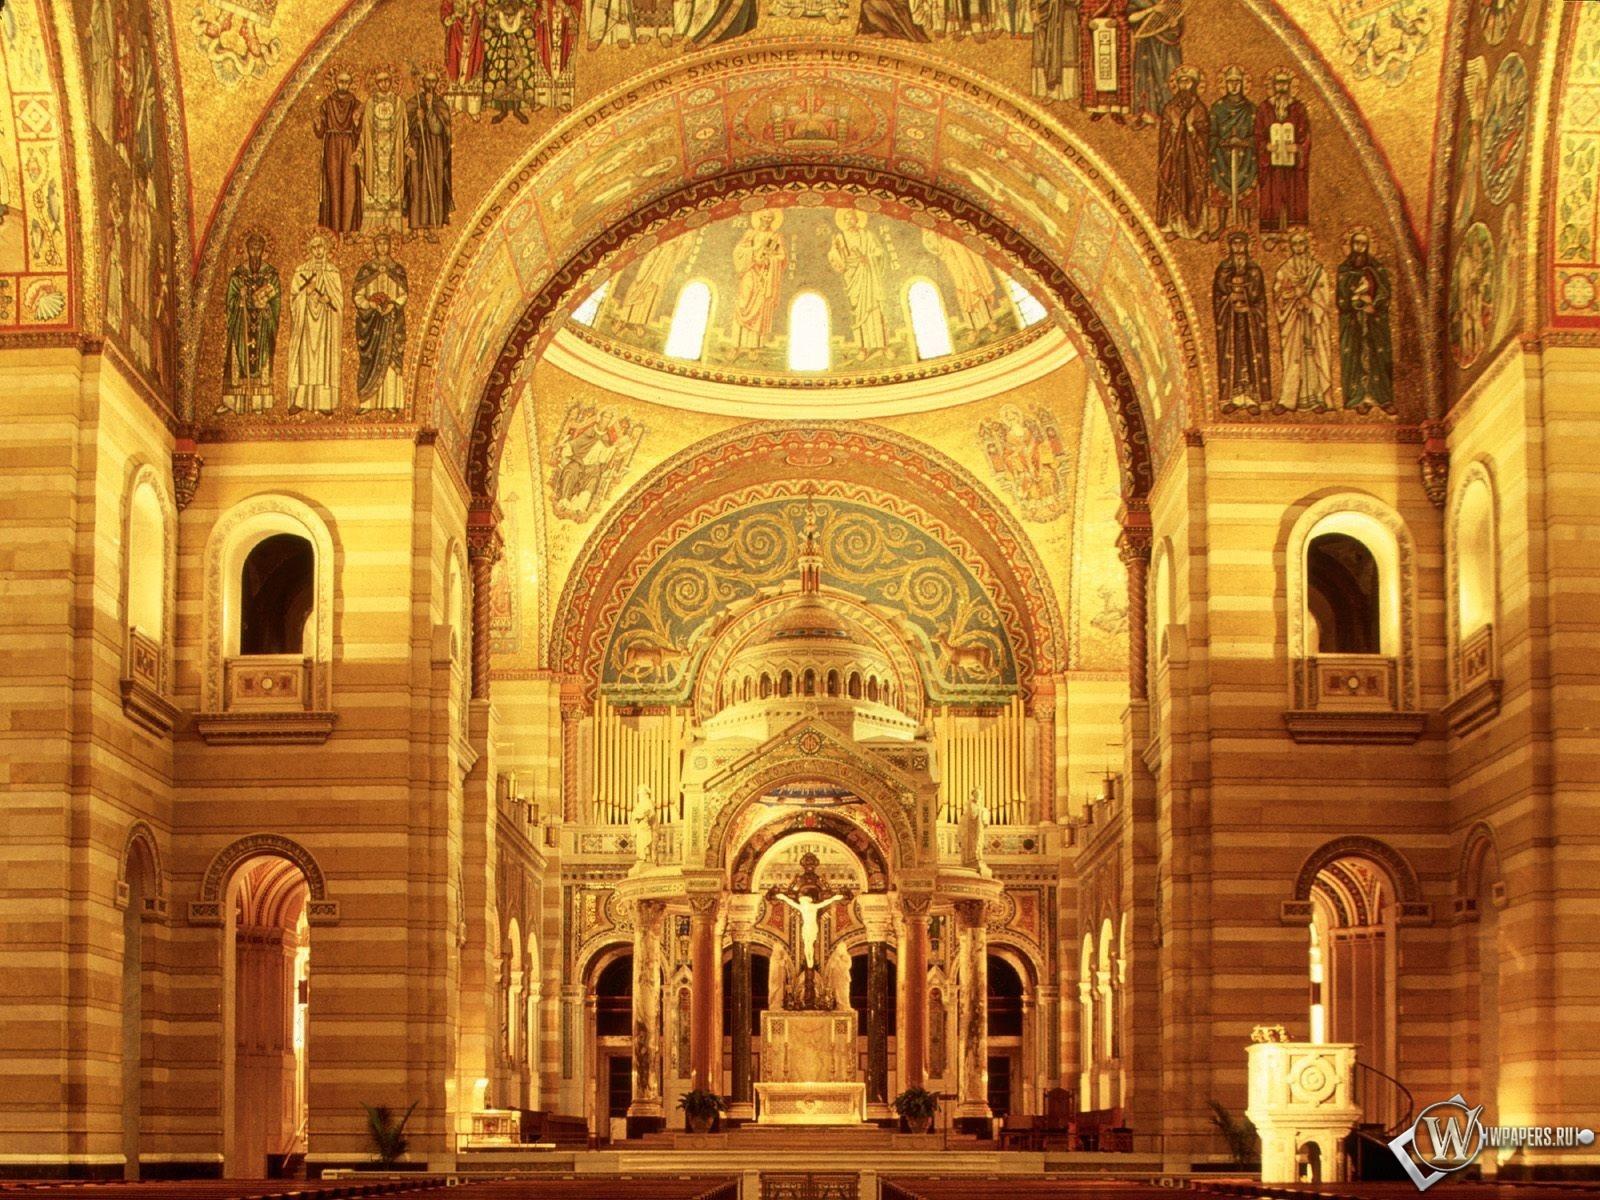 Церковь Сэнт-луис 1600x1200